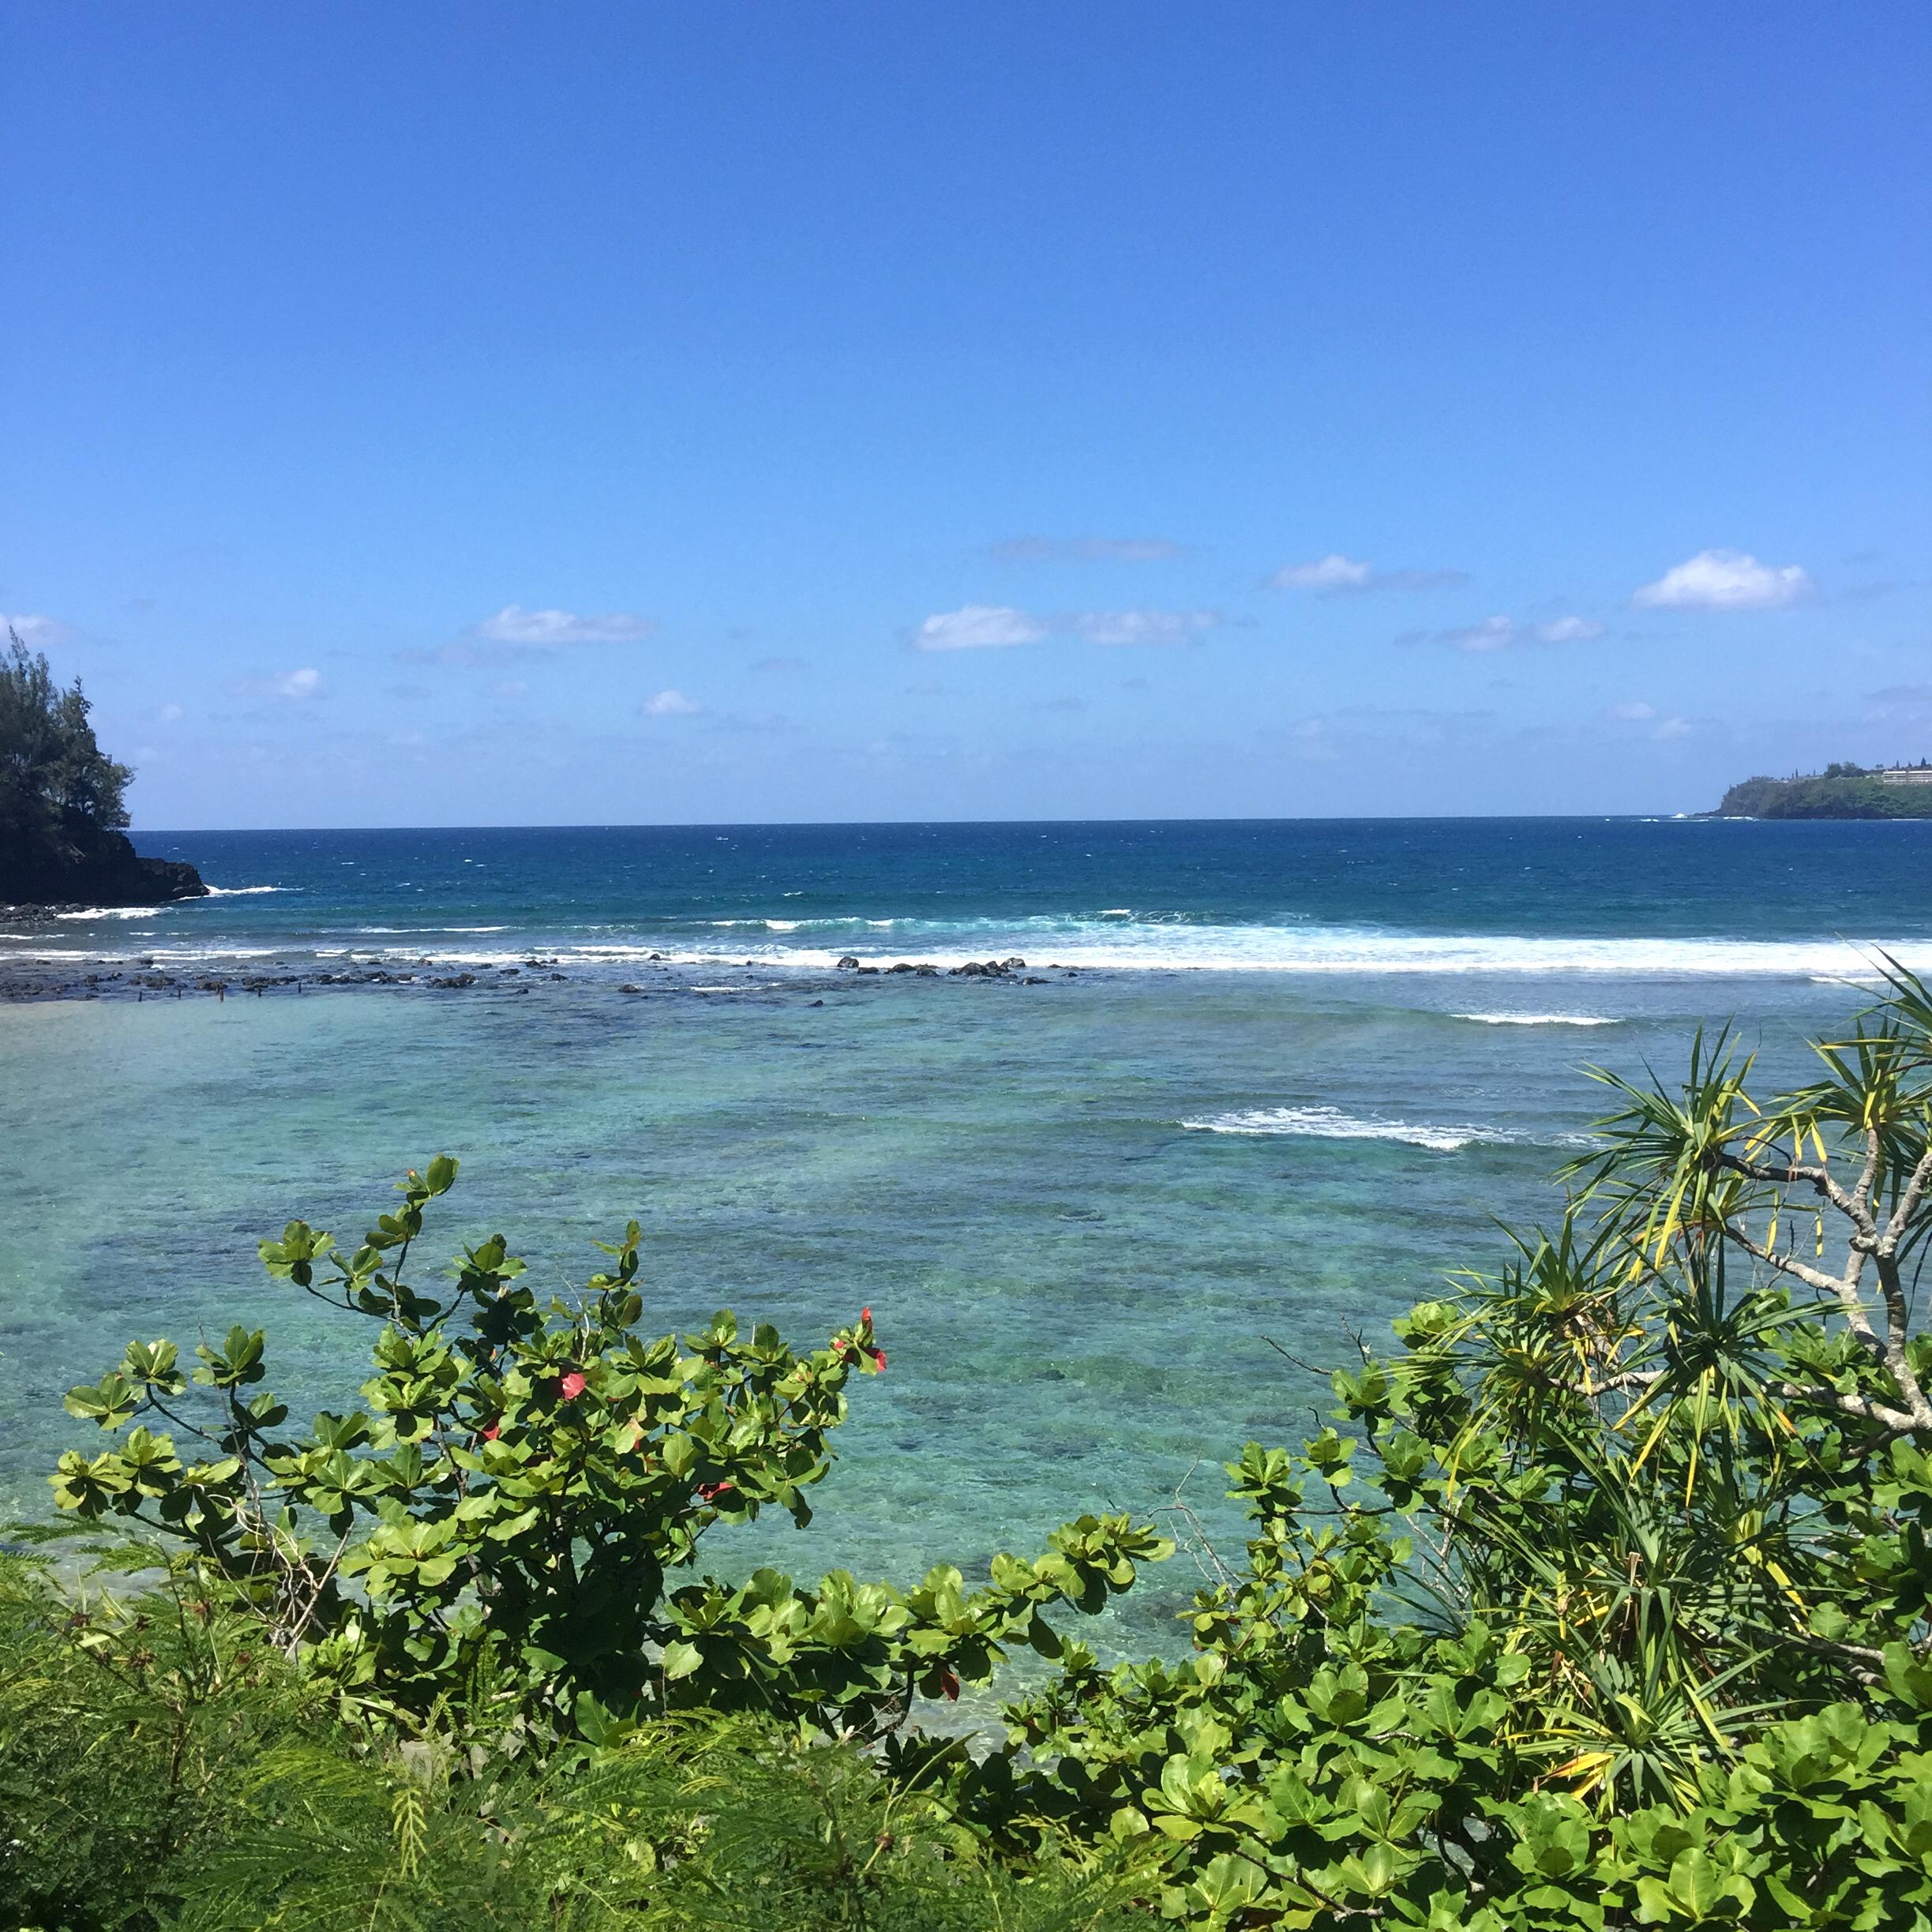 Honeymooning in Kauai